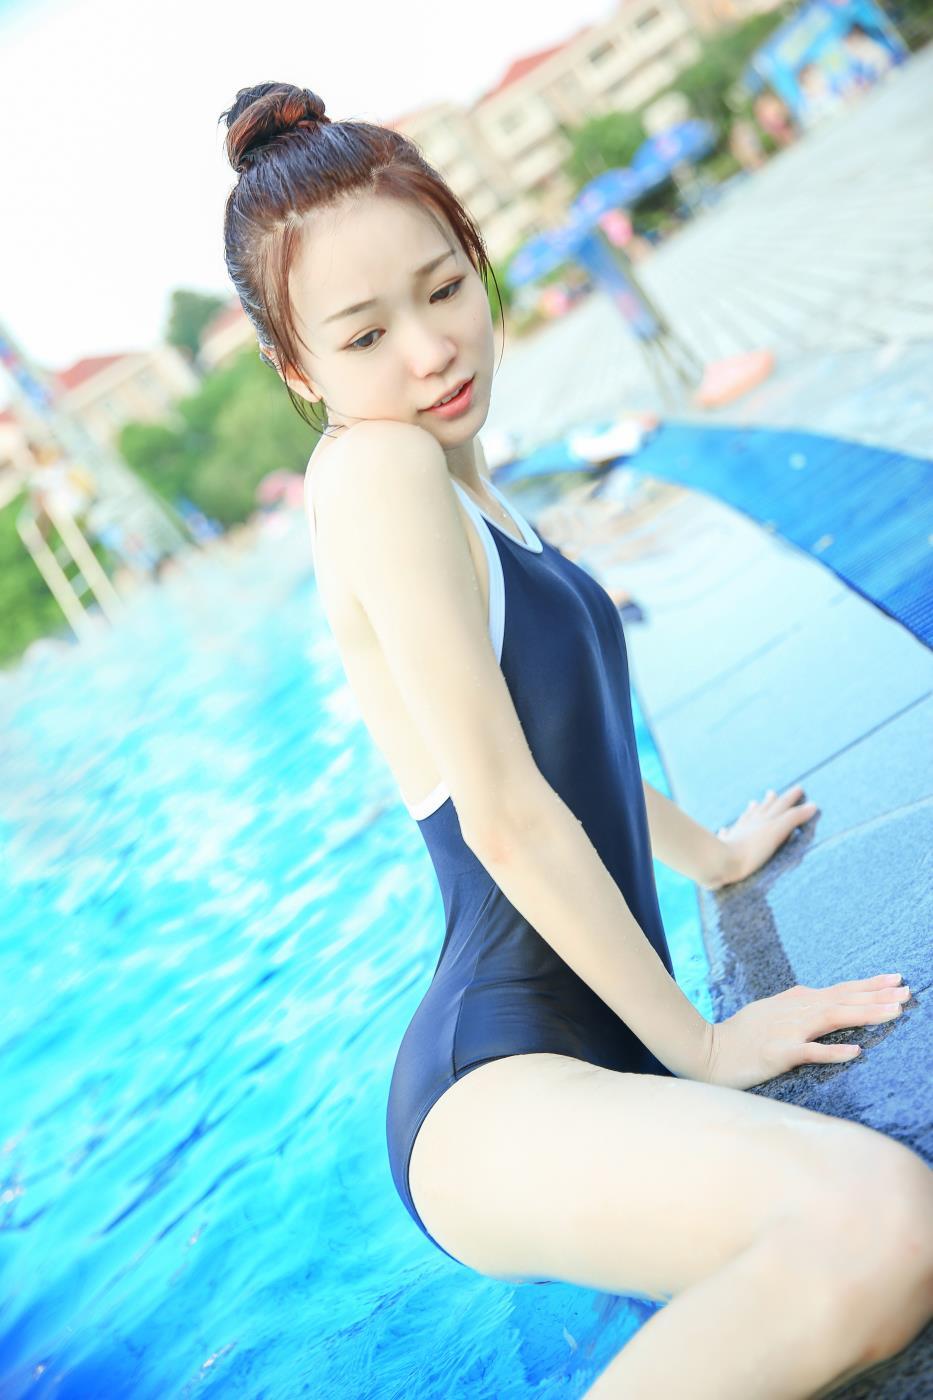 90后清纯美少女夏日泳装死库水唯美风日系写真